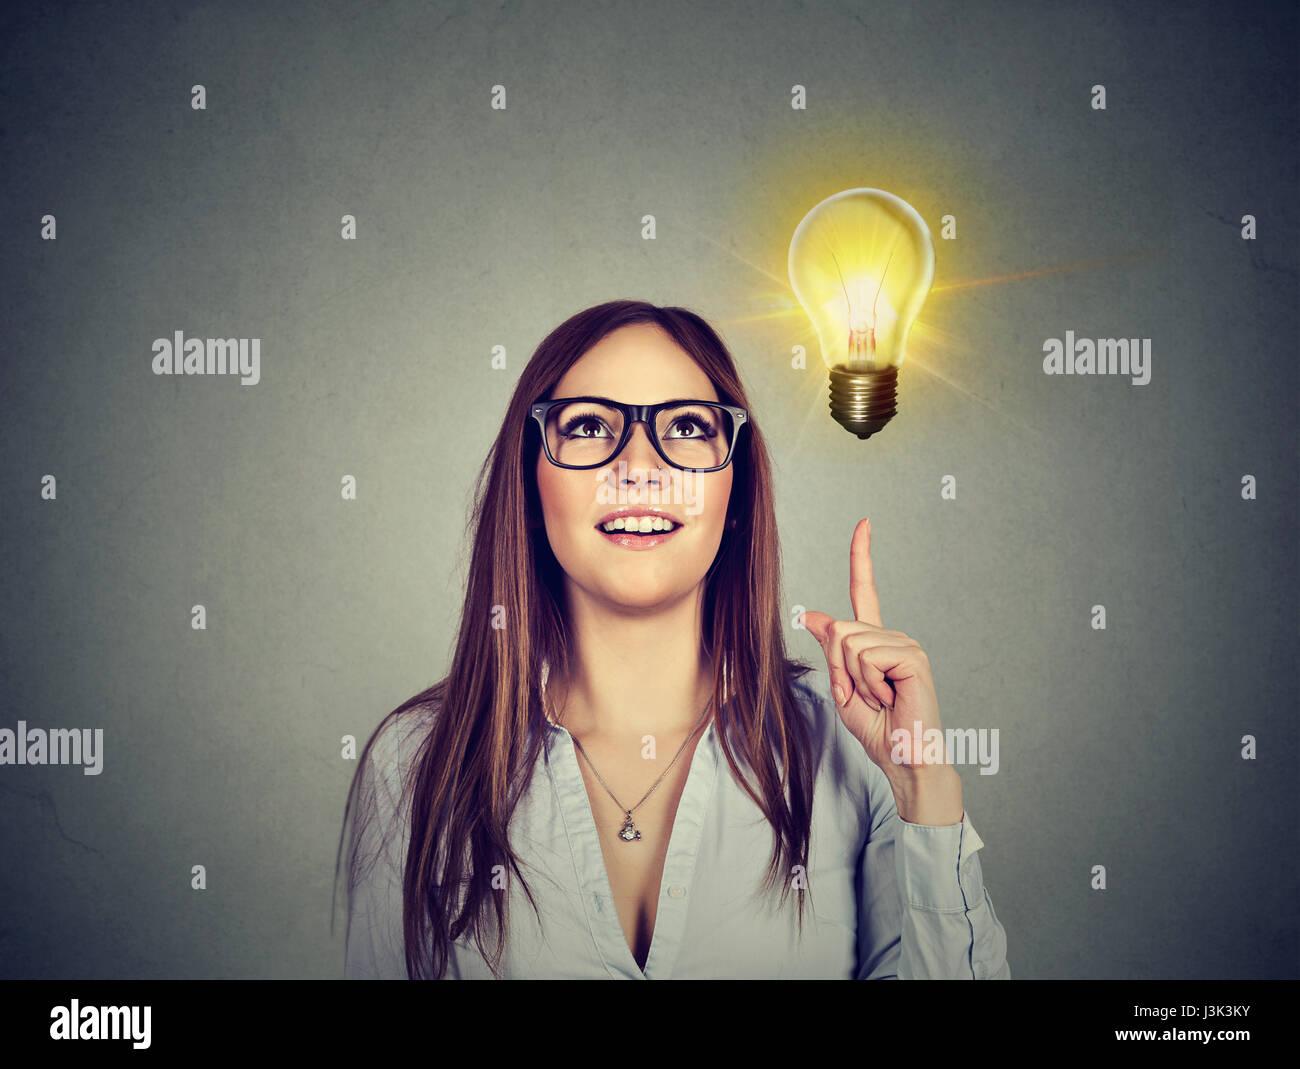 Ritratto di donna puntando alla luce brillante lampadina. Il successo crescente il concetto di business Immagini Stock